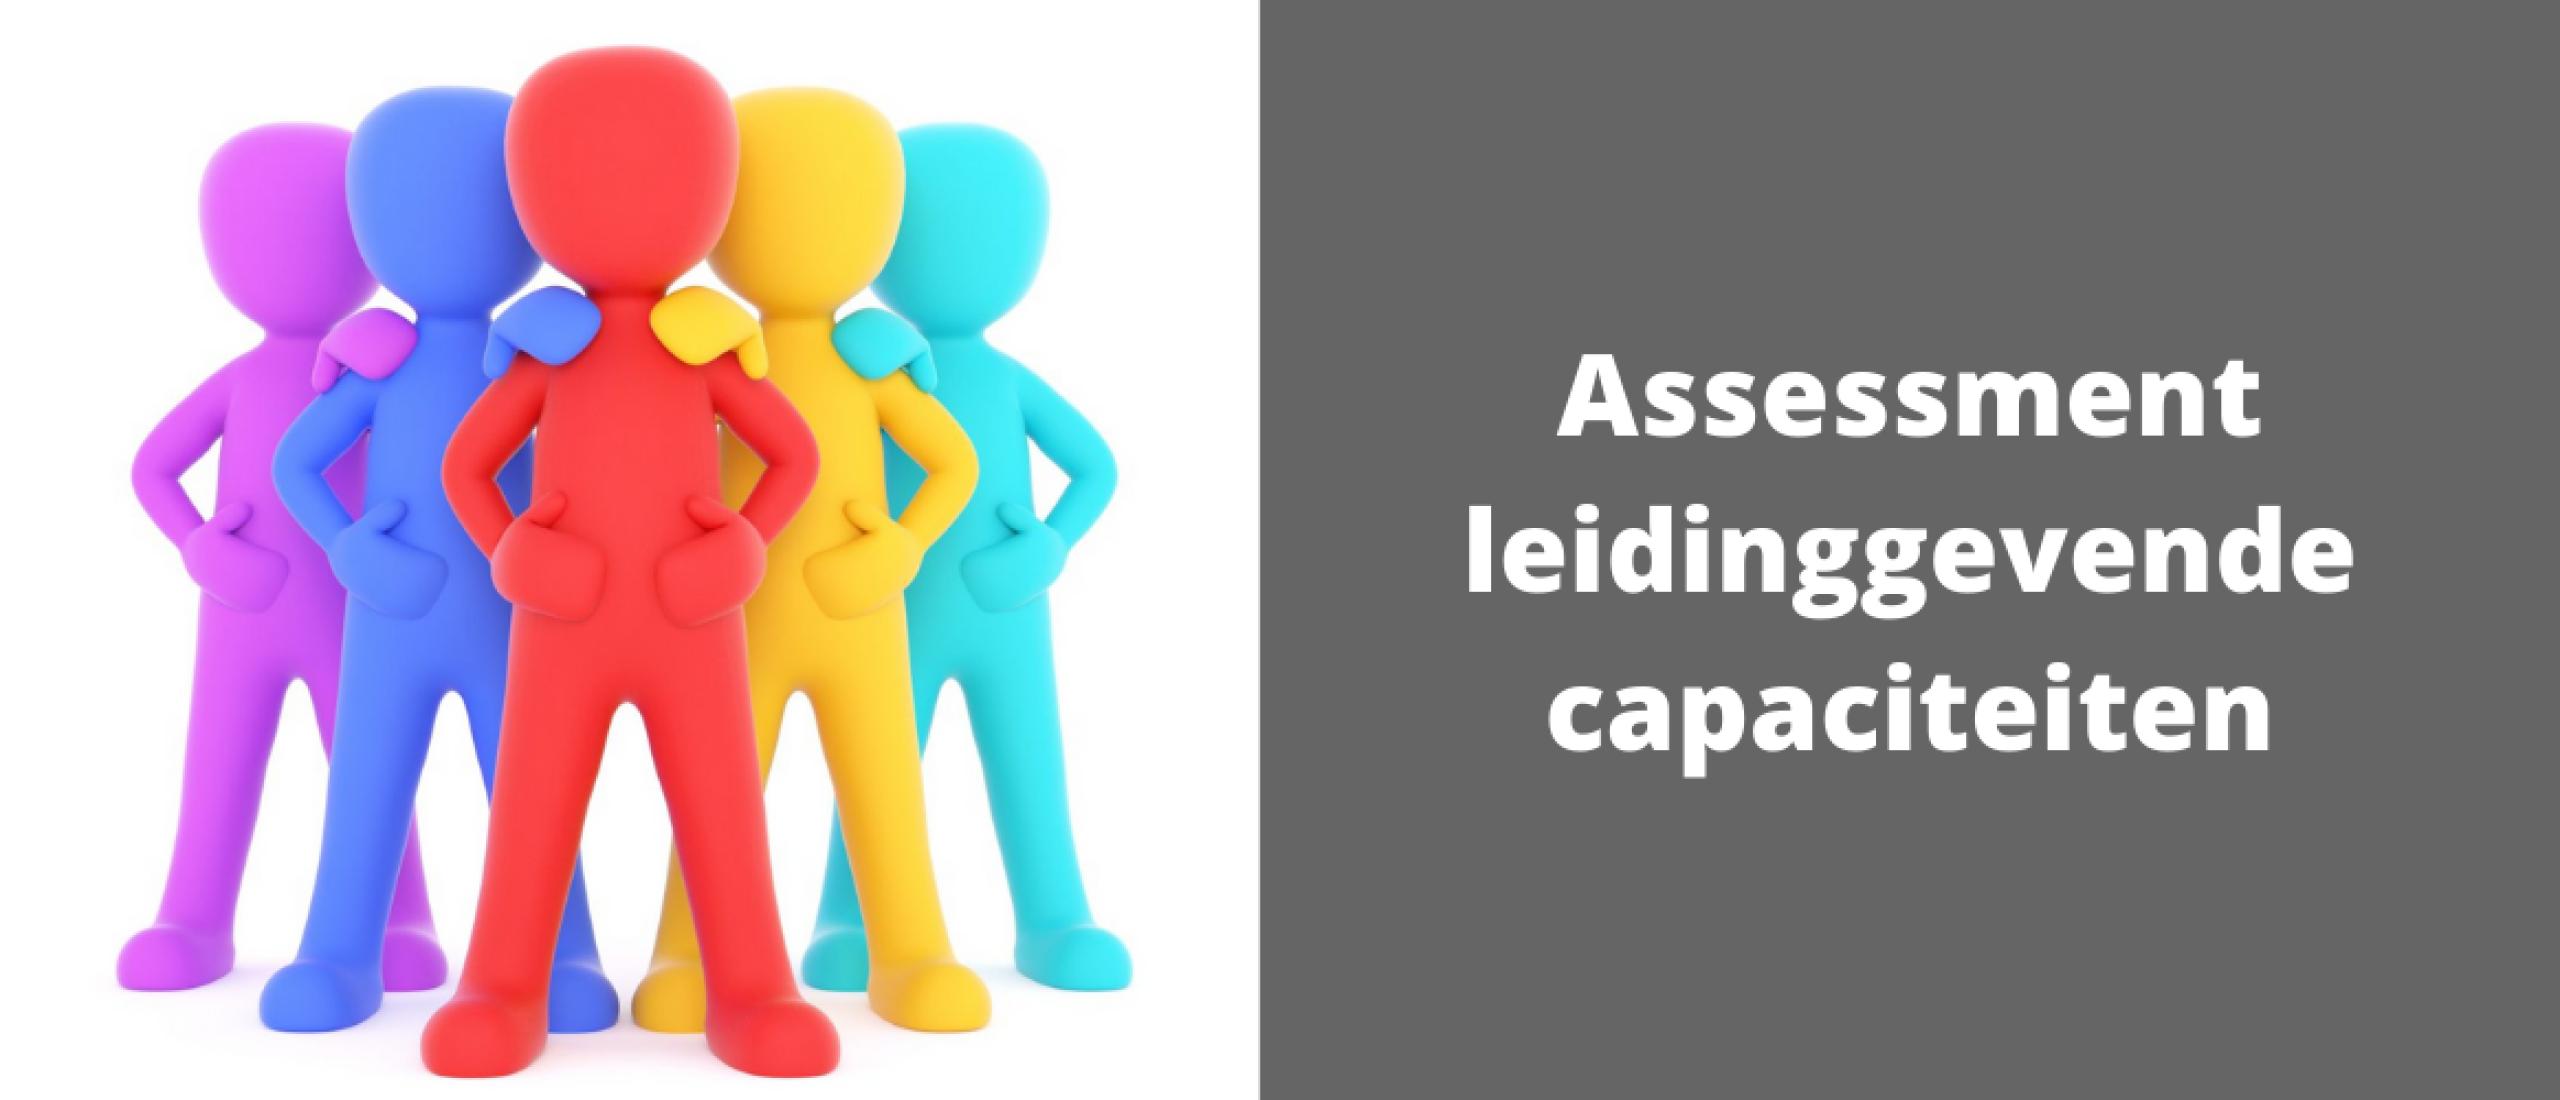 Assessment leidinggevende capaciteiten